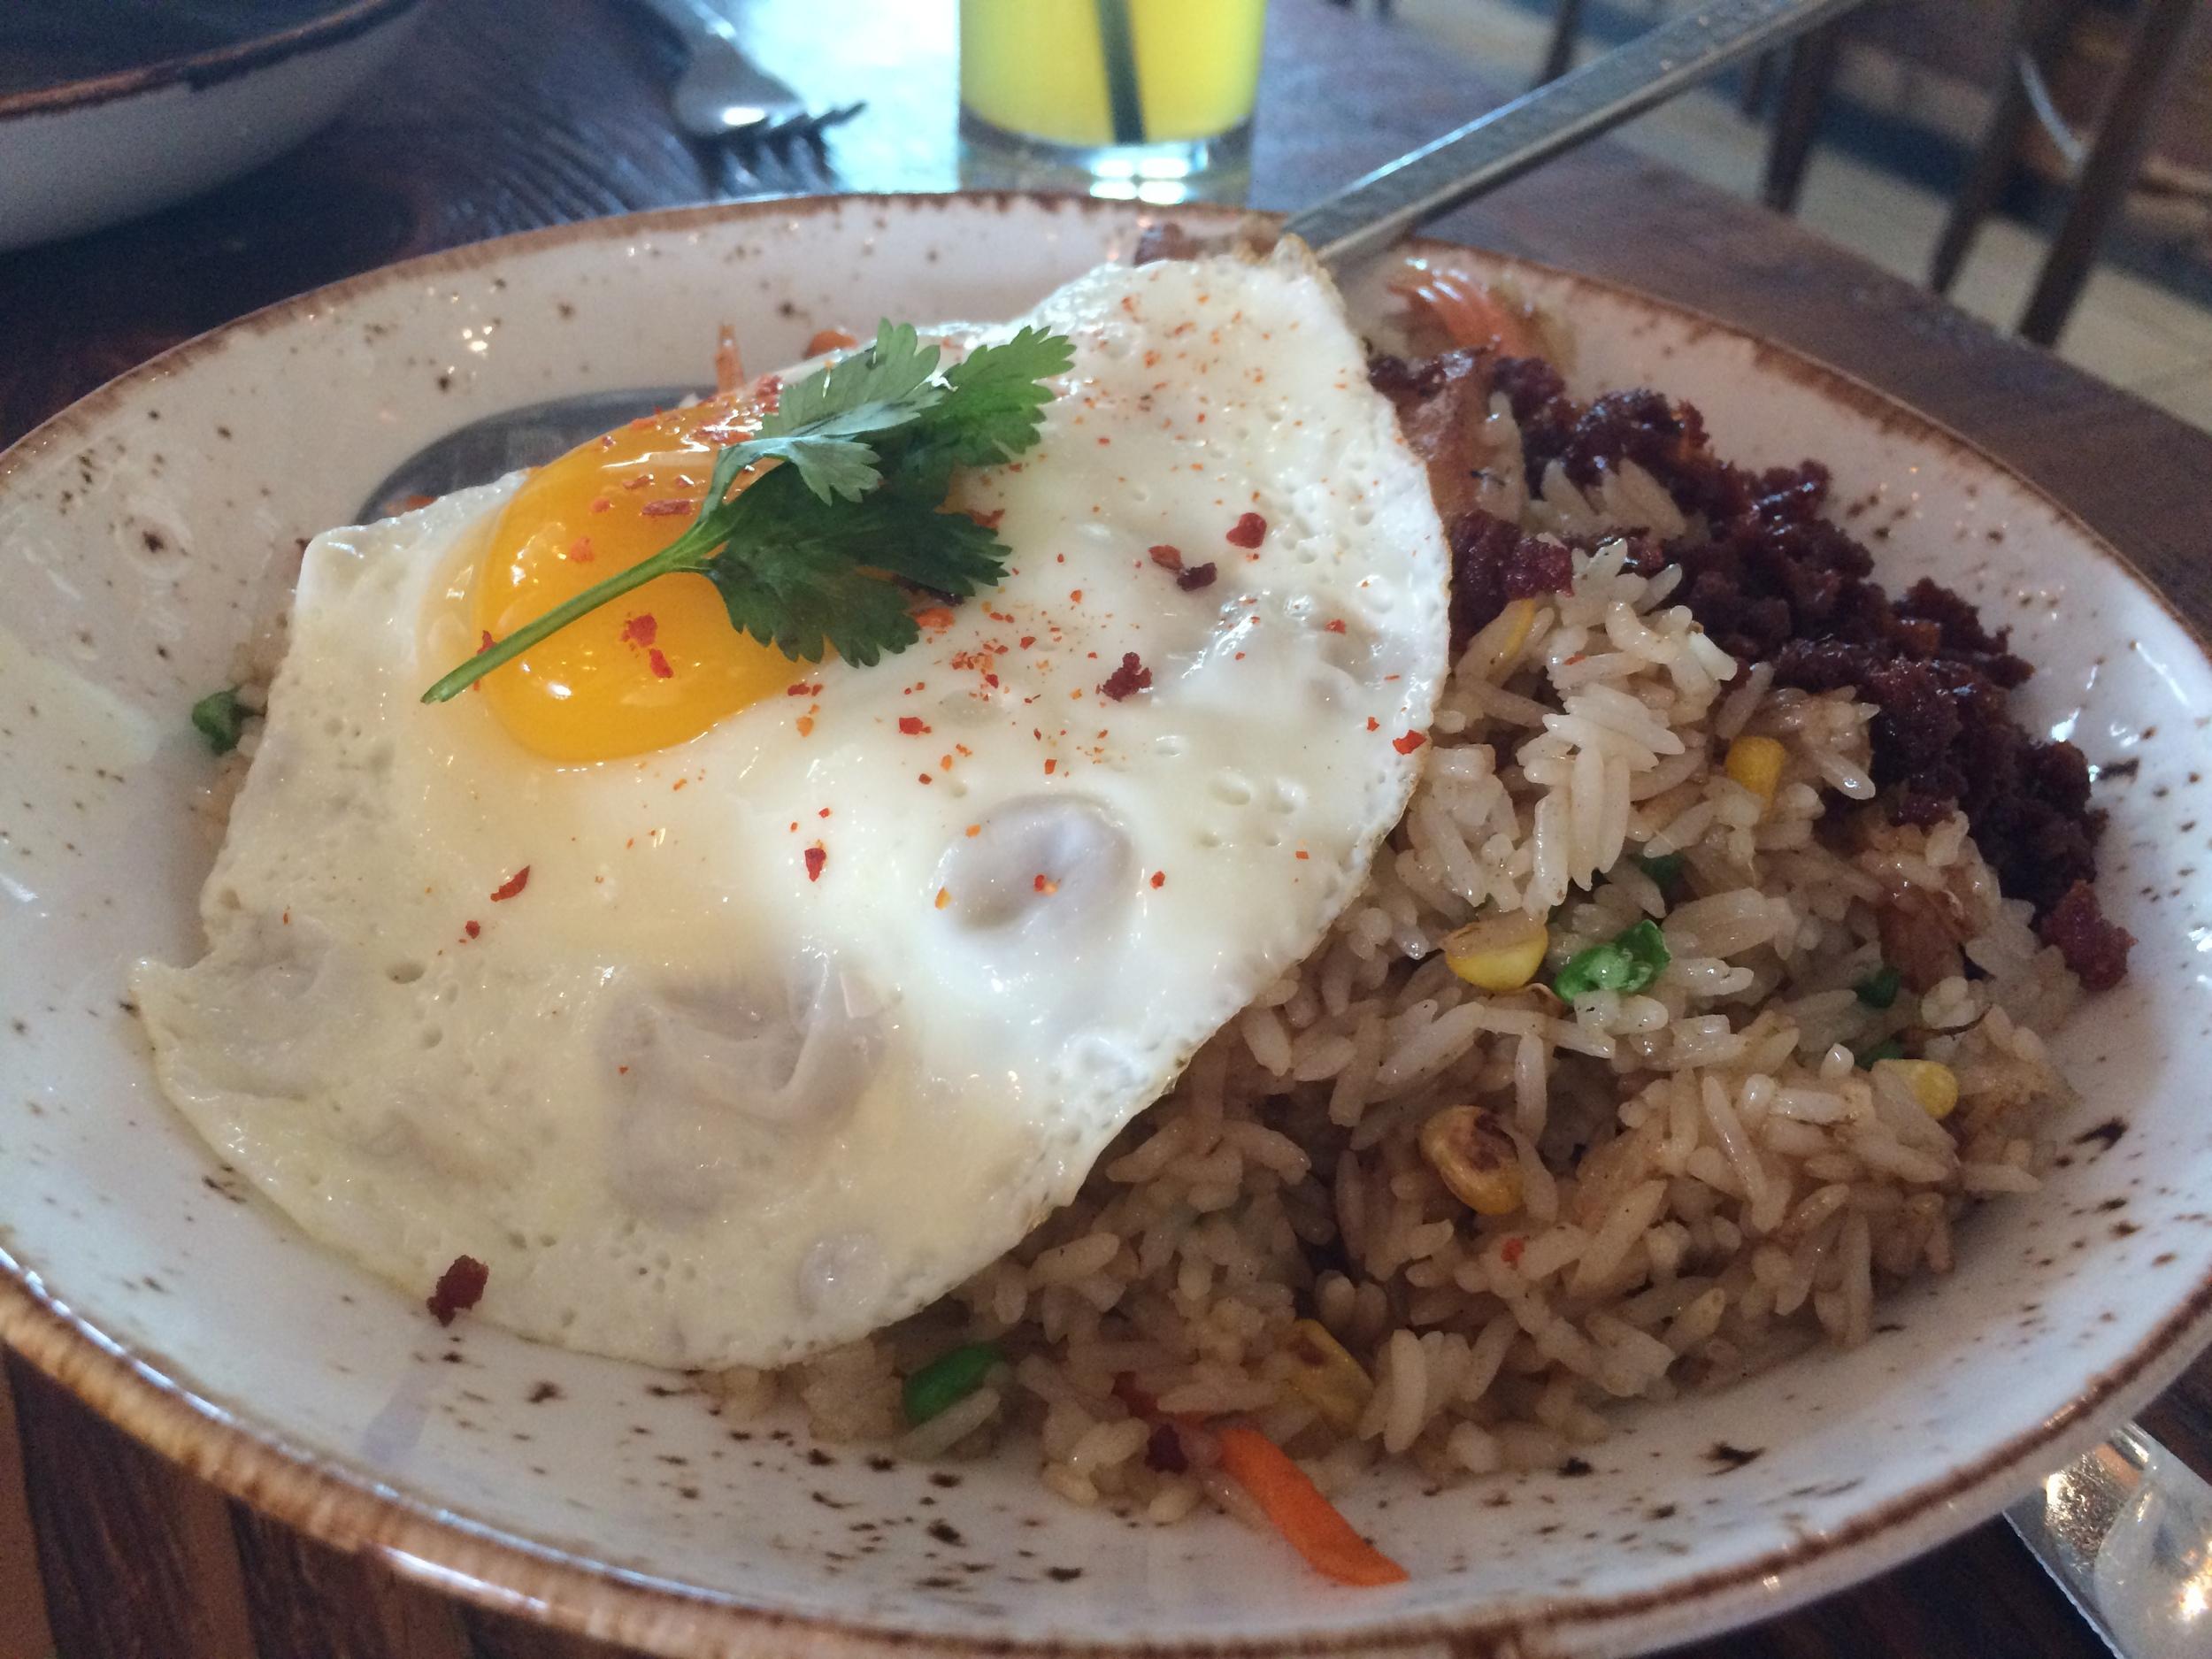 Chinese Fried Pork Rice: barriga de porco frita e sequinha, milho, ervilha, alho, gengibre, cebola, coentro e molho stir fry. Ovo frito por cima e linguiça de porco. Delícia!